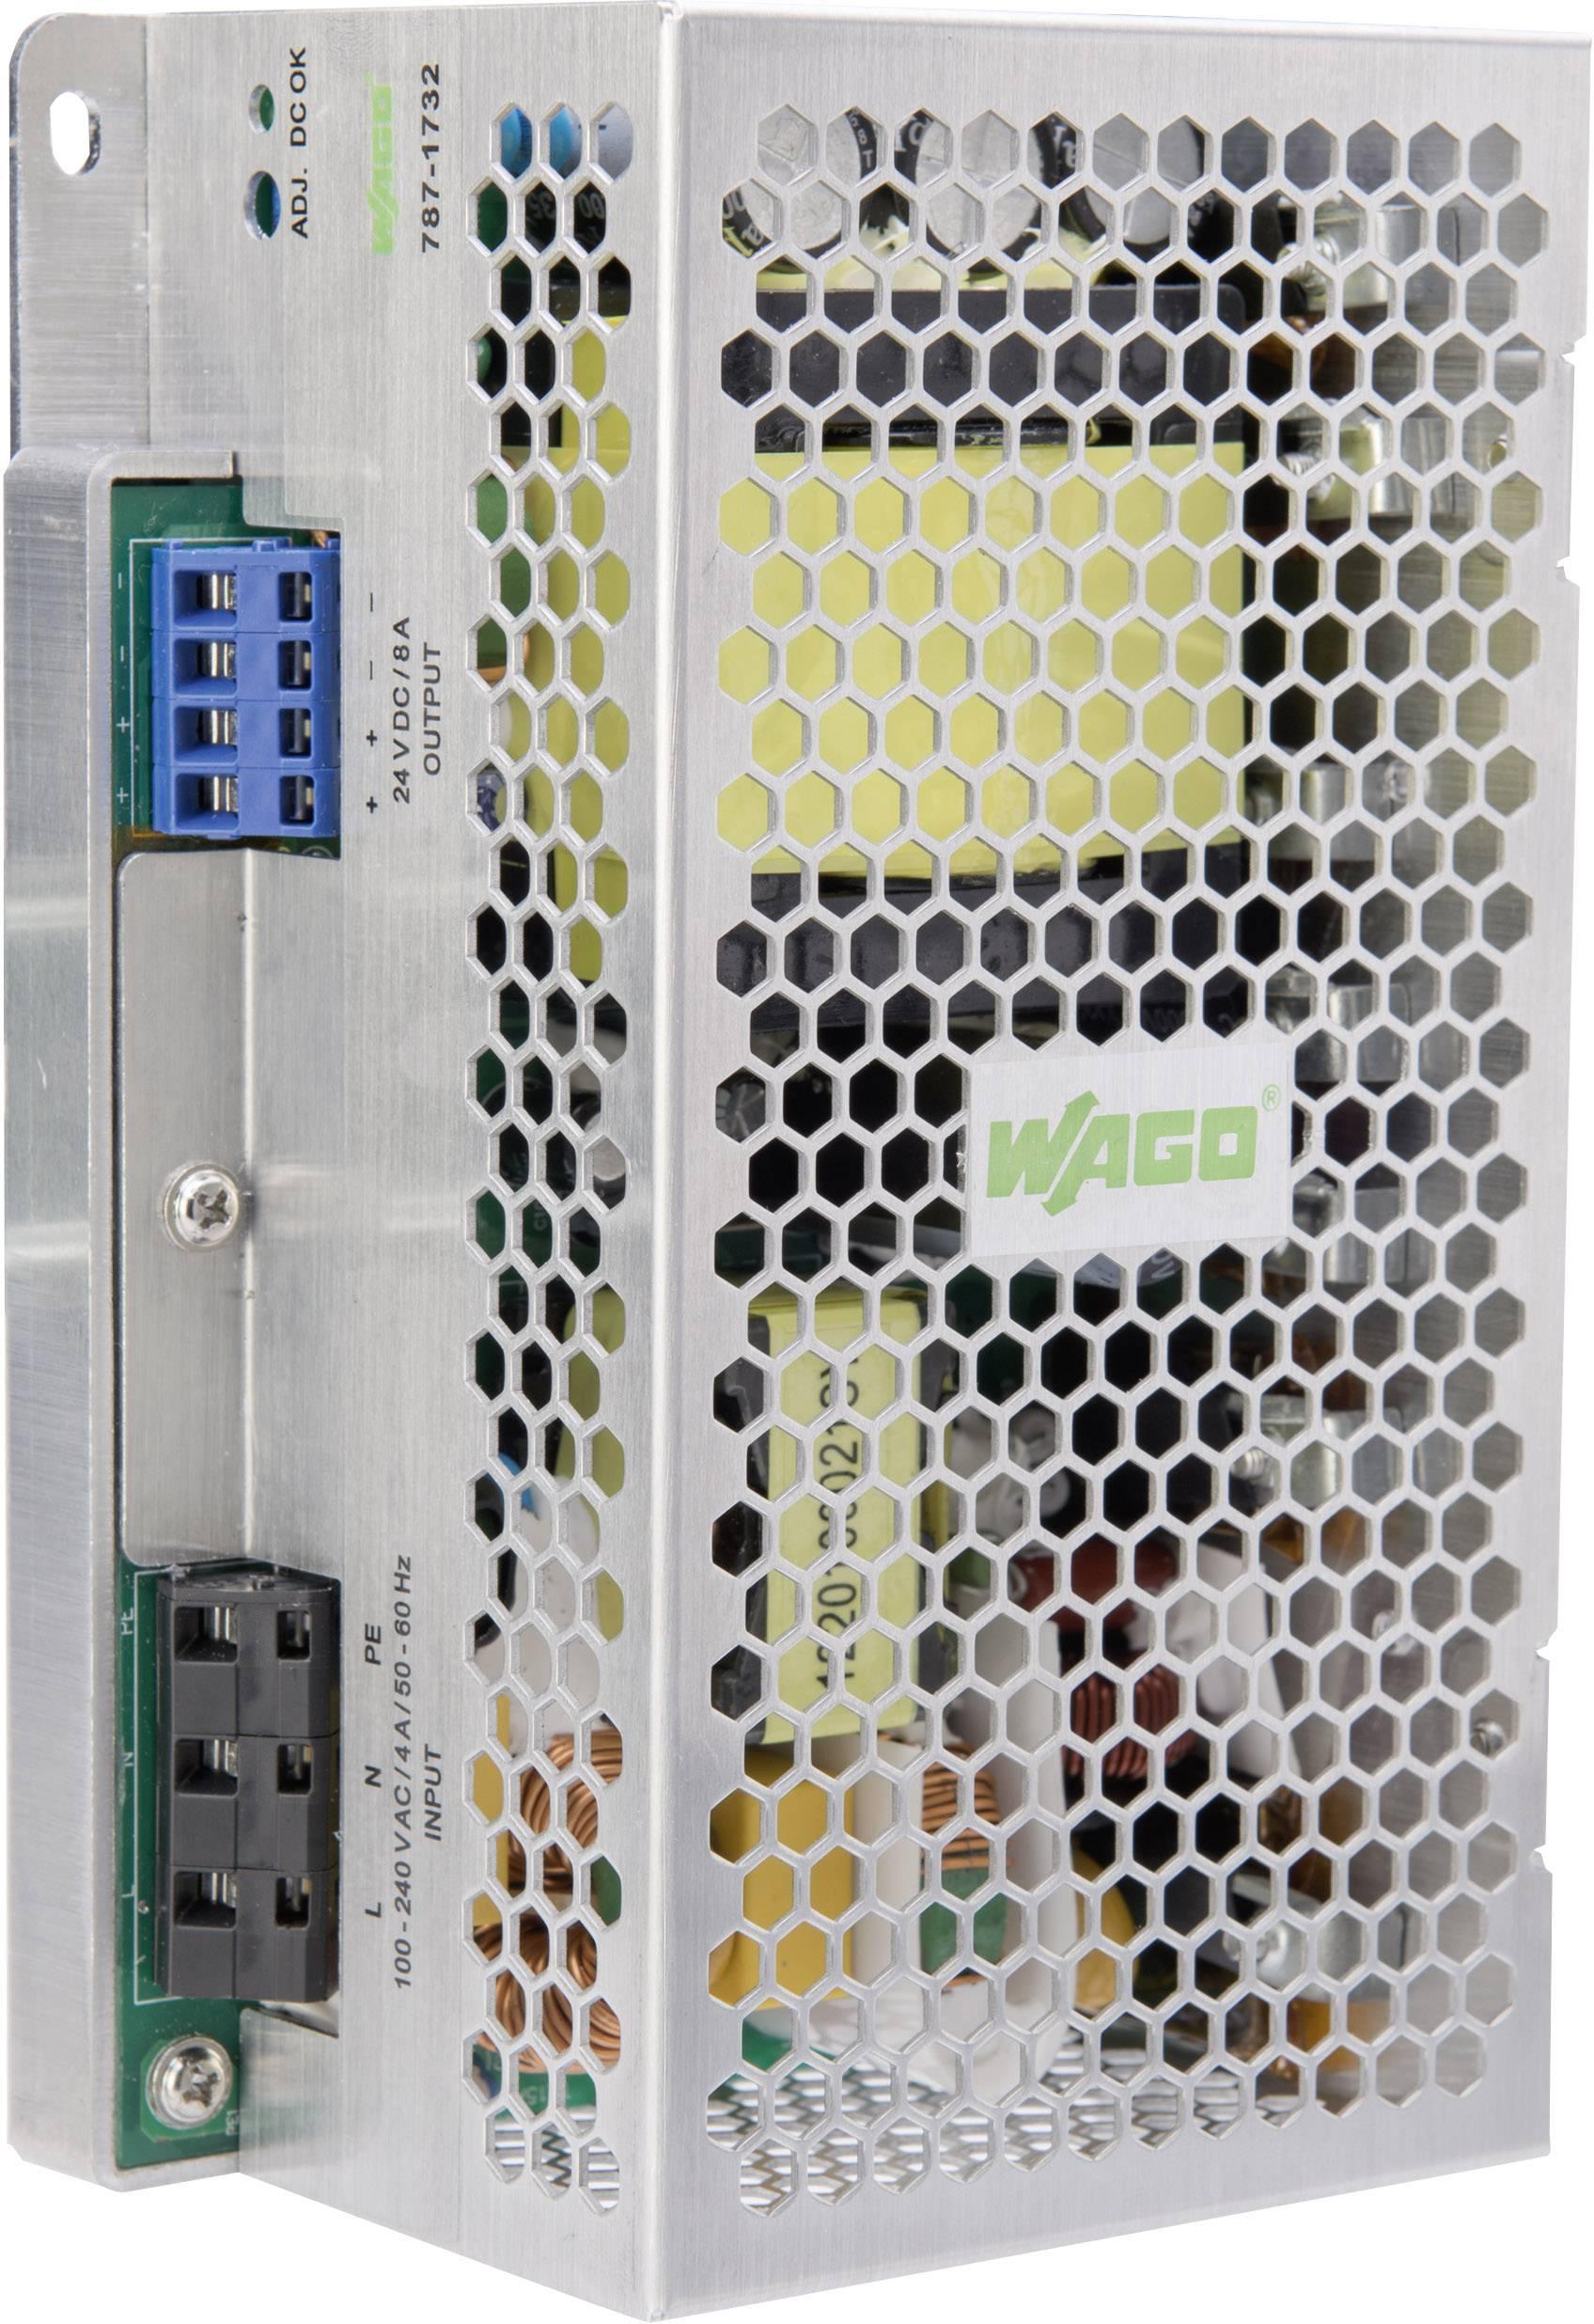 Sieťový zdroj na montážnu lištu (DIN lištu) WAGO 787-1732, 1 x, 24 V, 10 A, 240 W